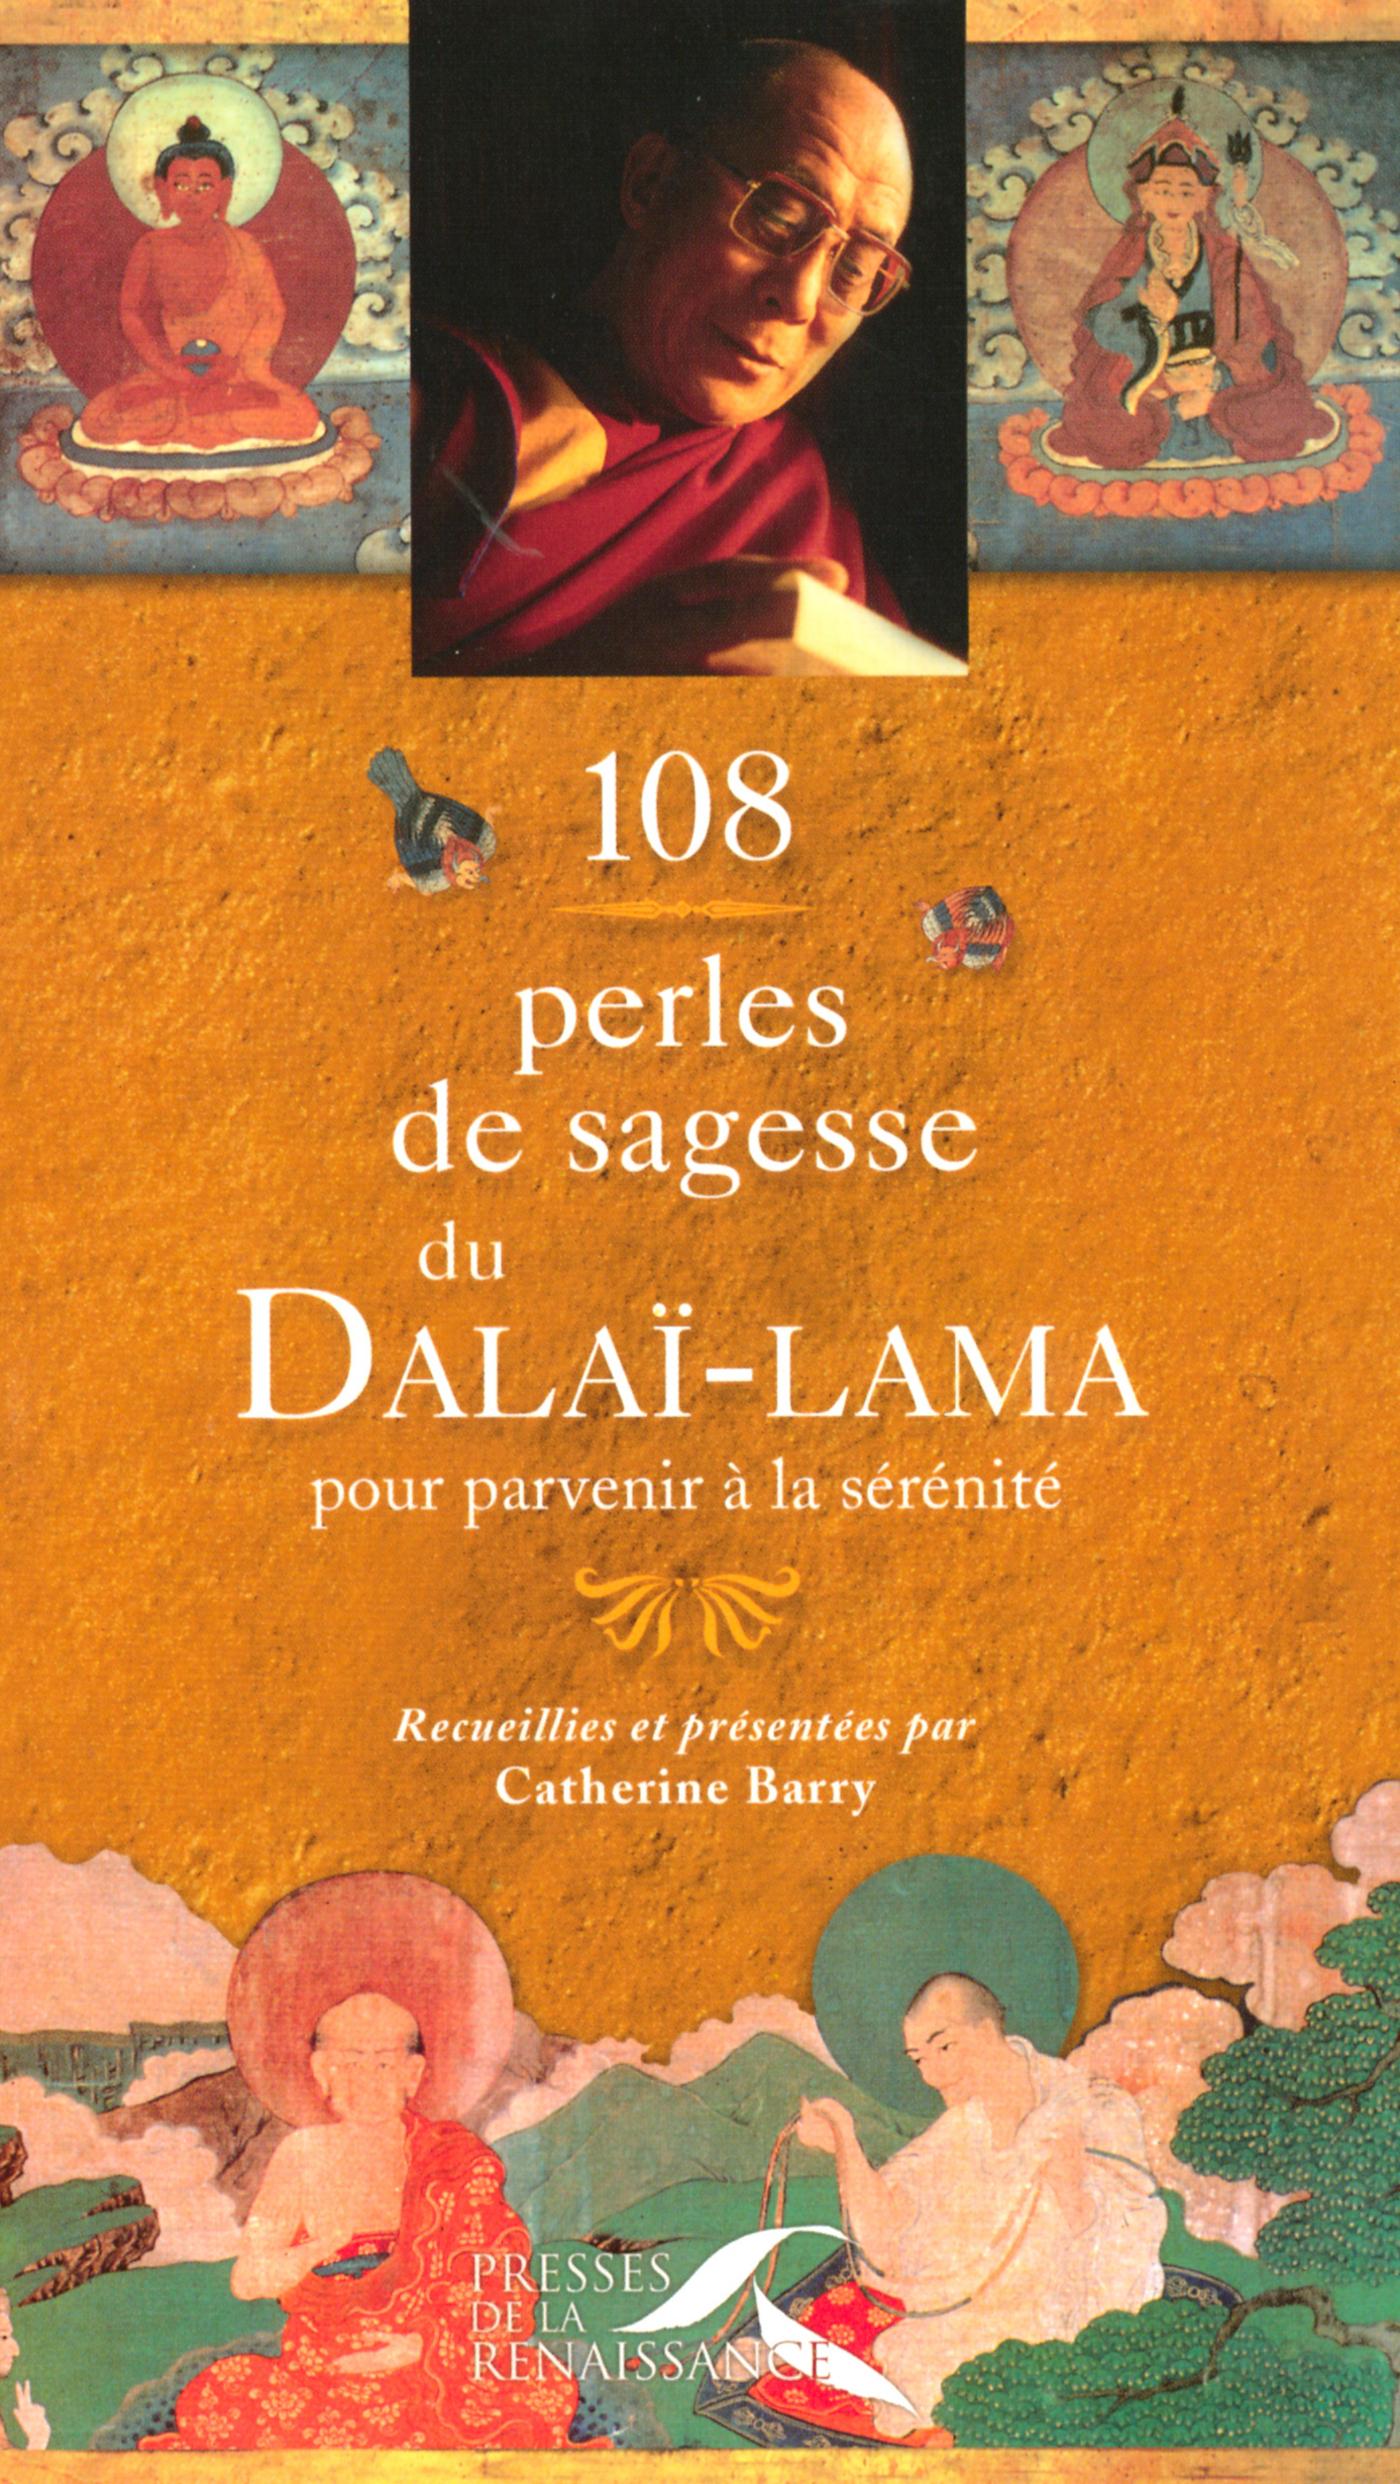 108 perles de sagesse du Dalaï-Lama pour parvenir à la sérénité